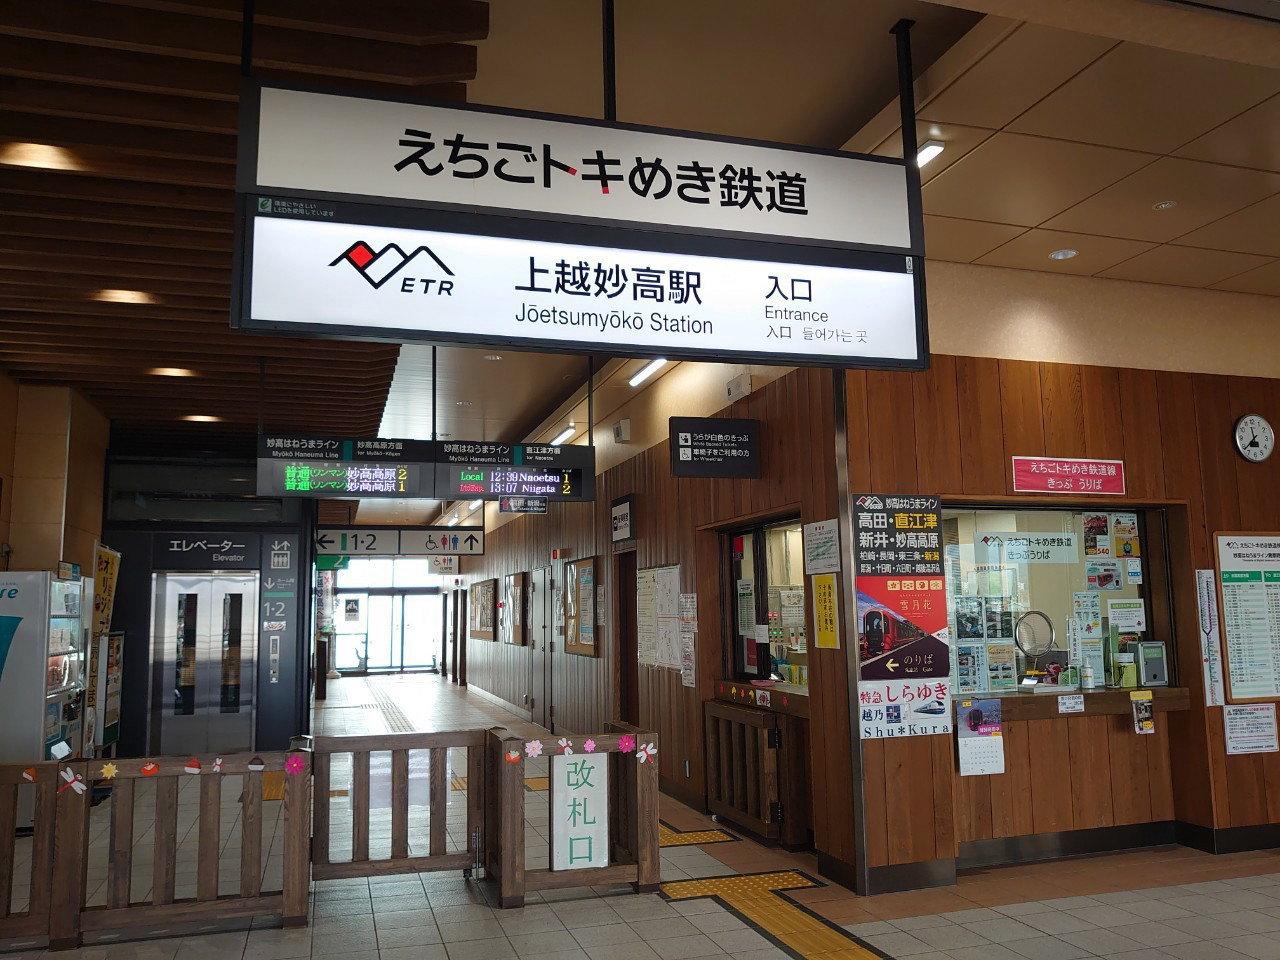 えちごトキめき鉄道 上越妙高駅